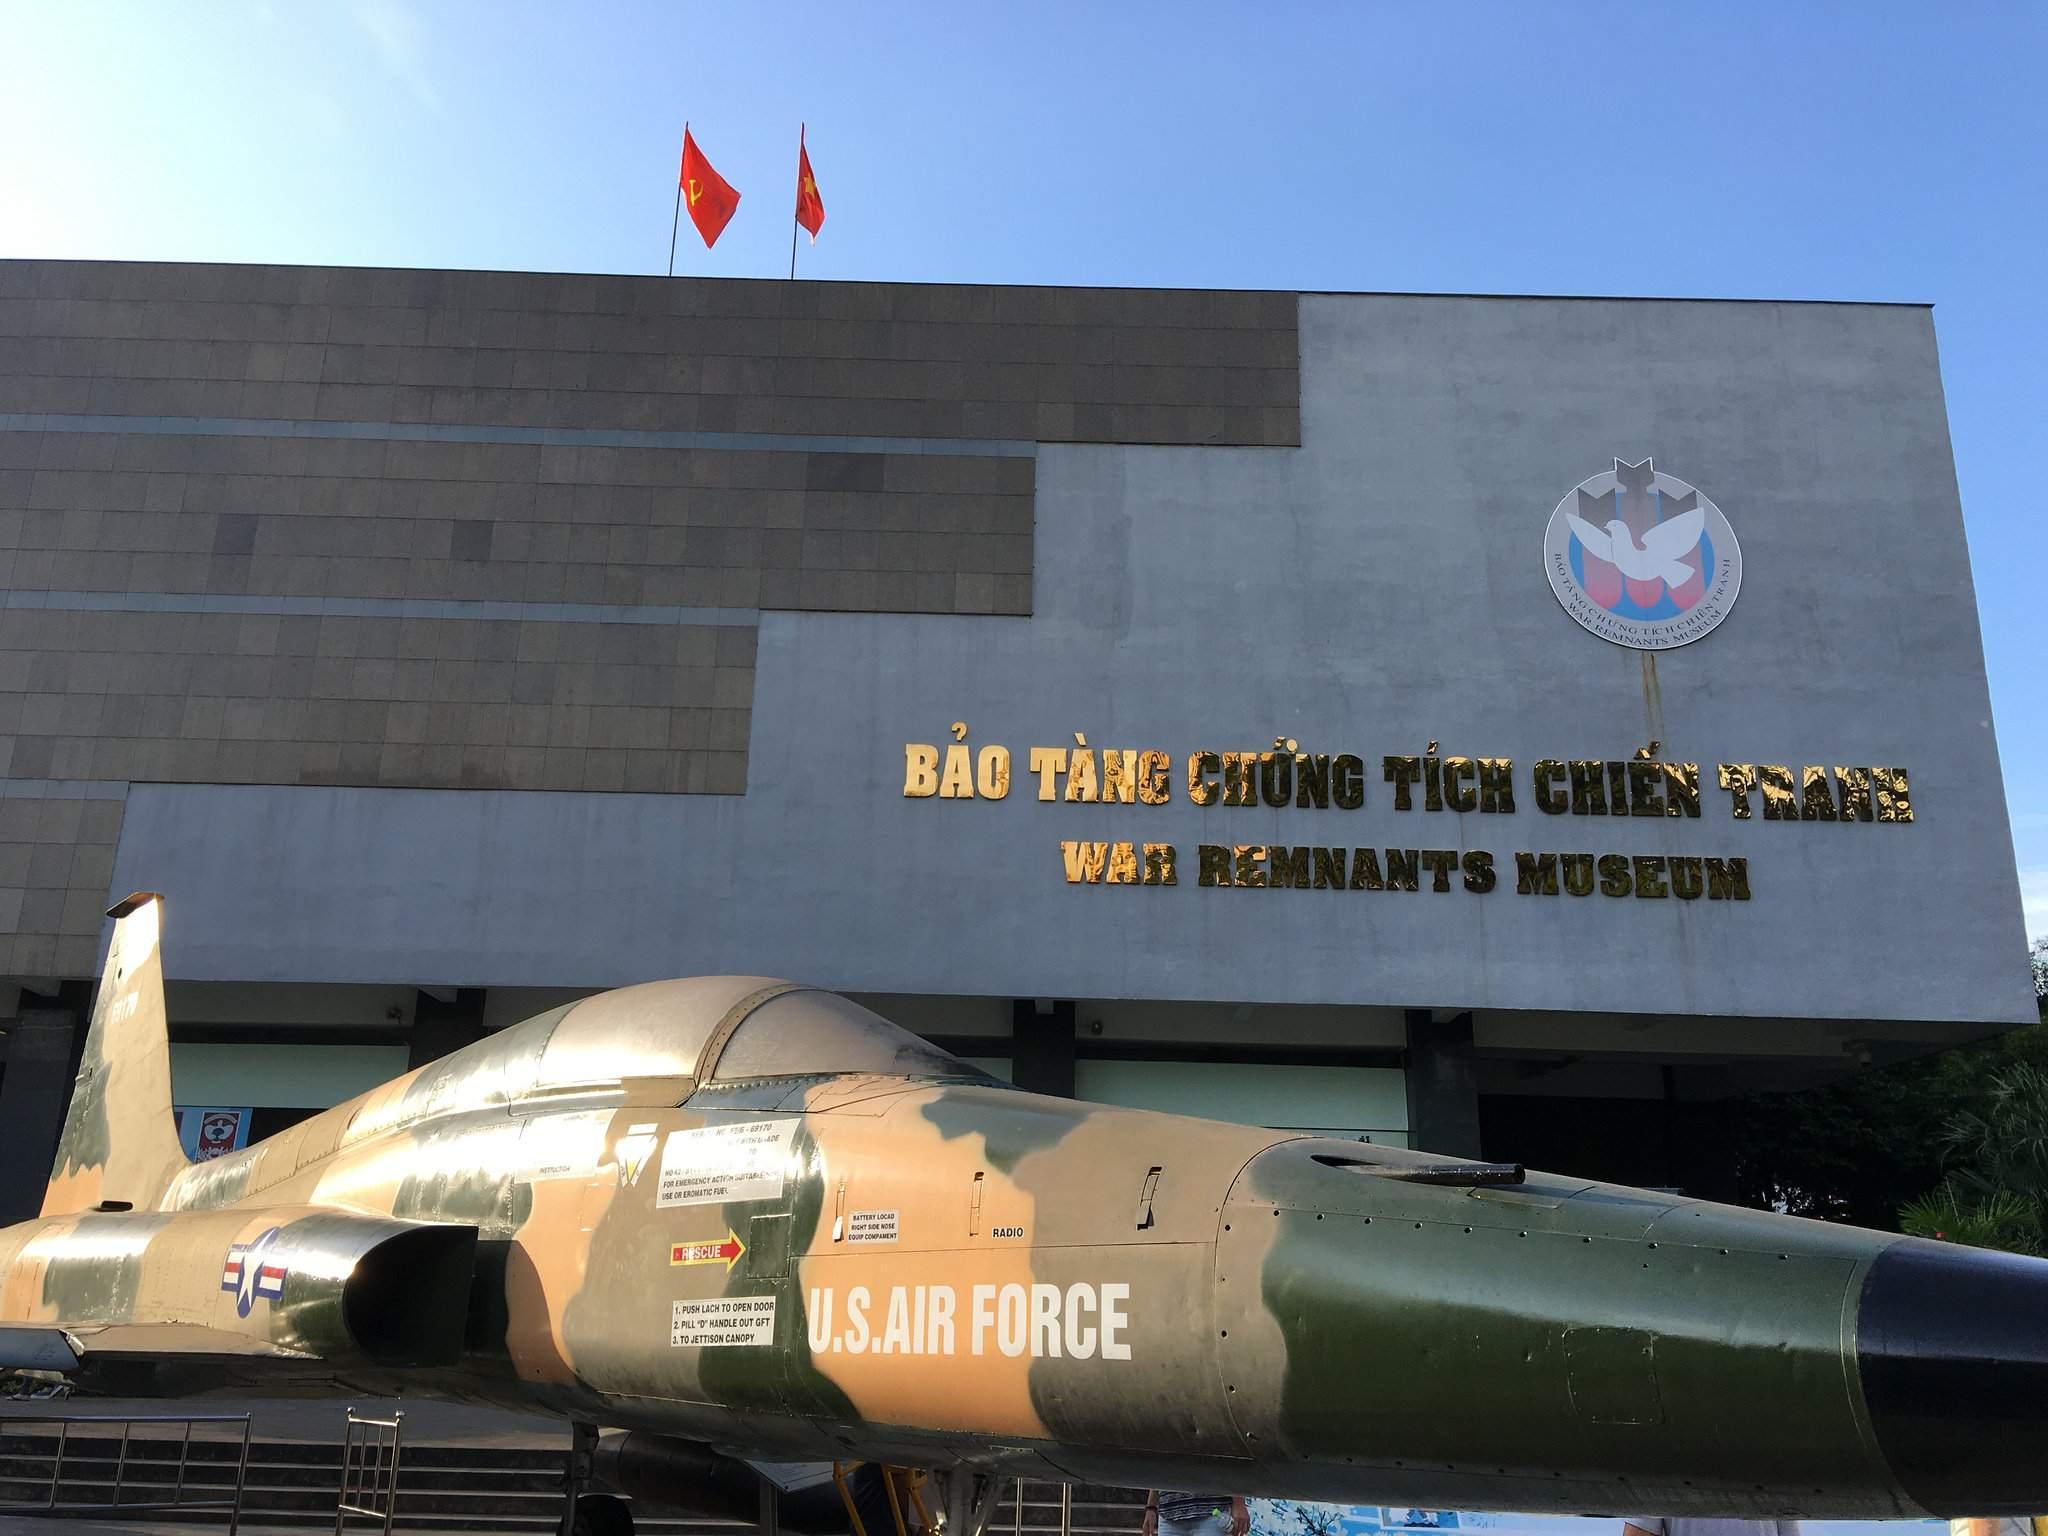 war remnants museum War Remnants Museum in Ho Chi Minh City, Vietnam